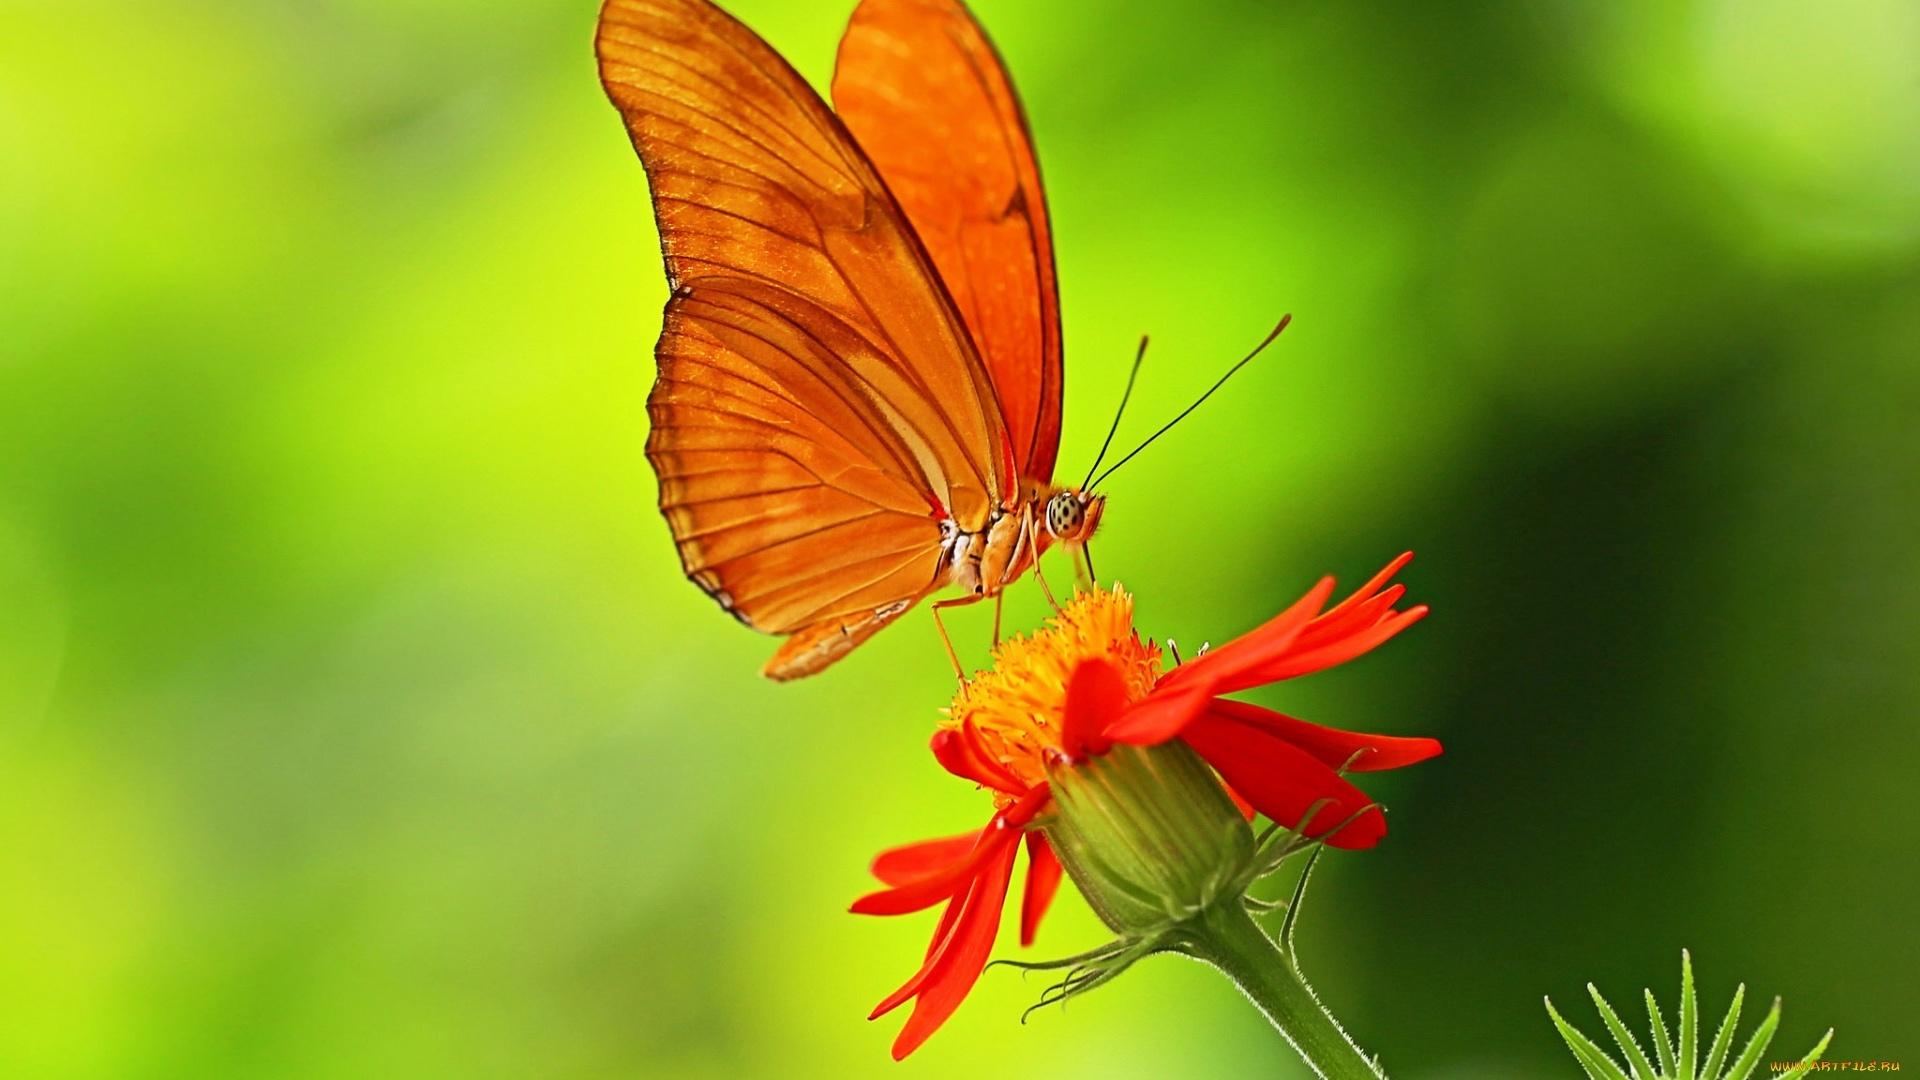 Butterfly On A Flower Wallpaper